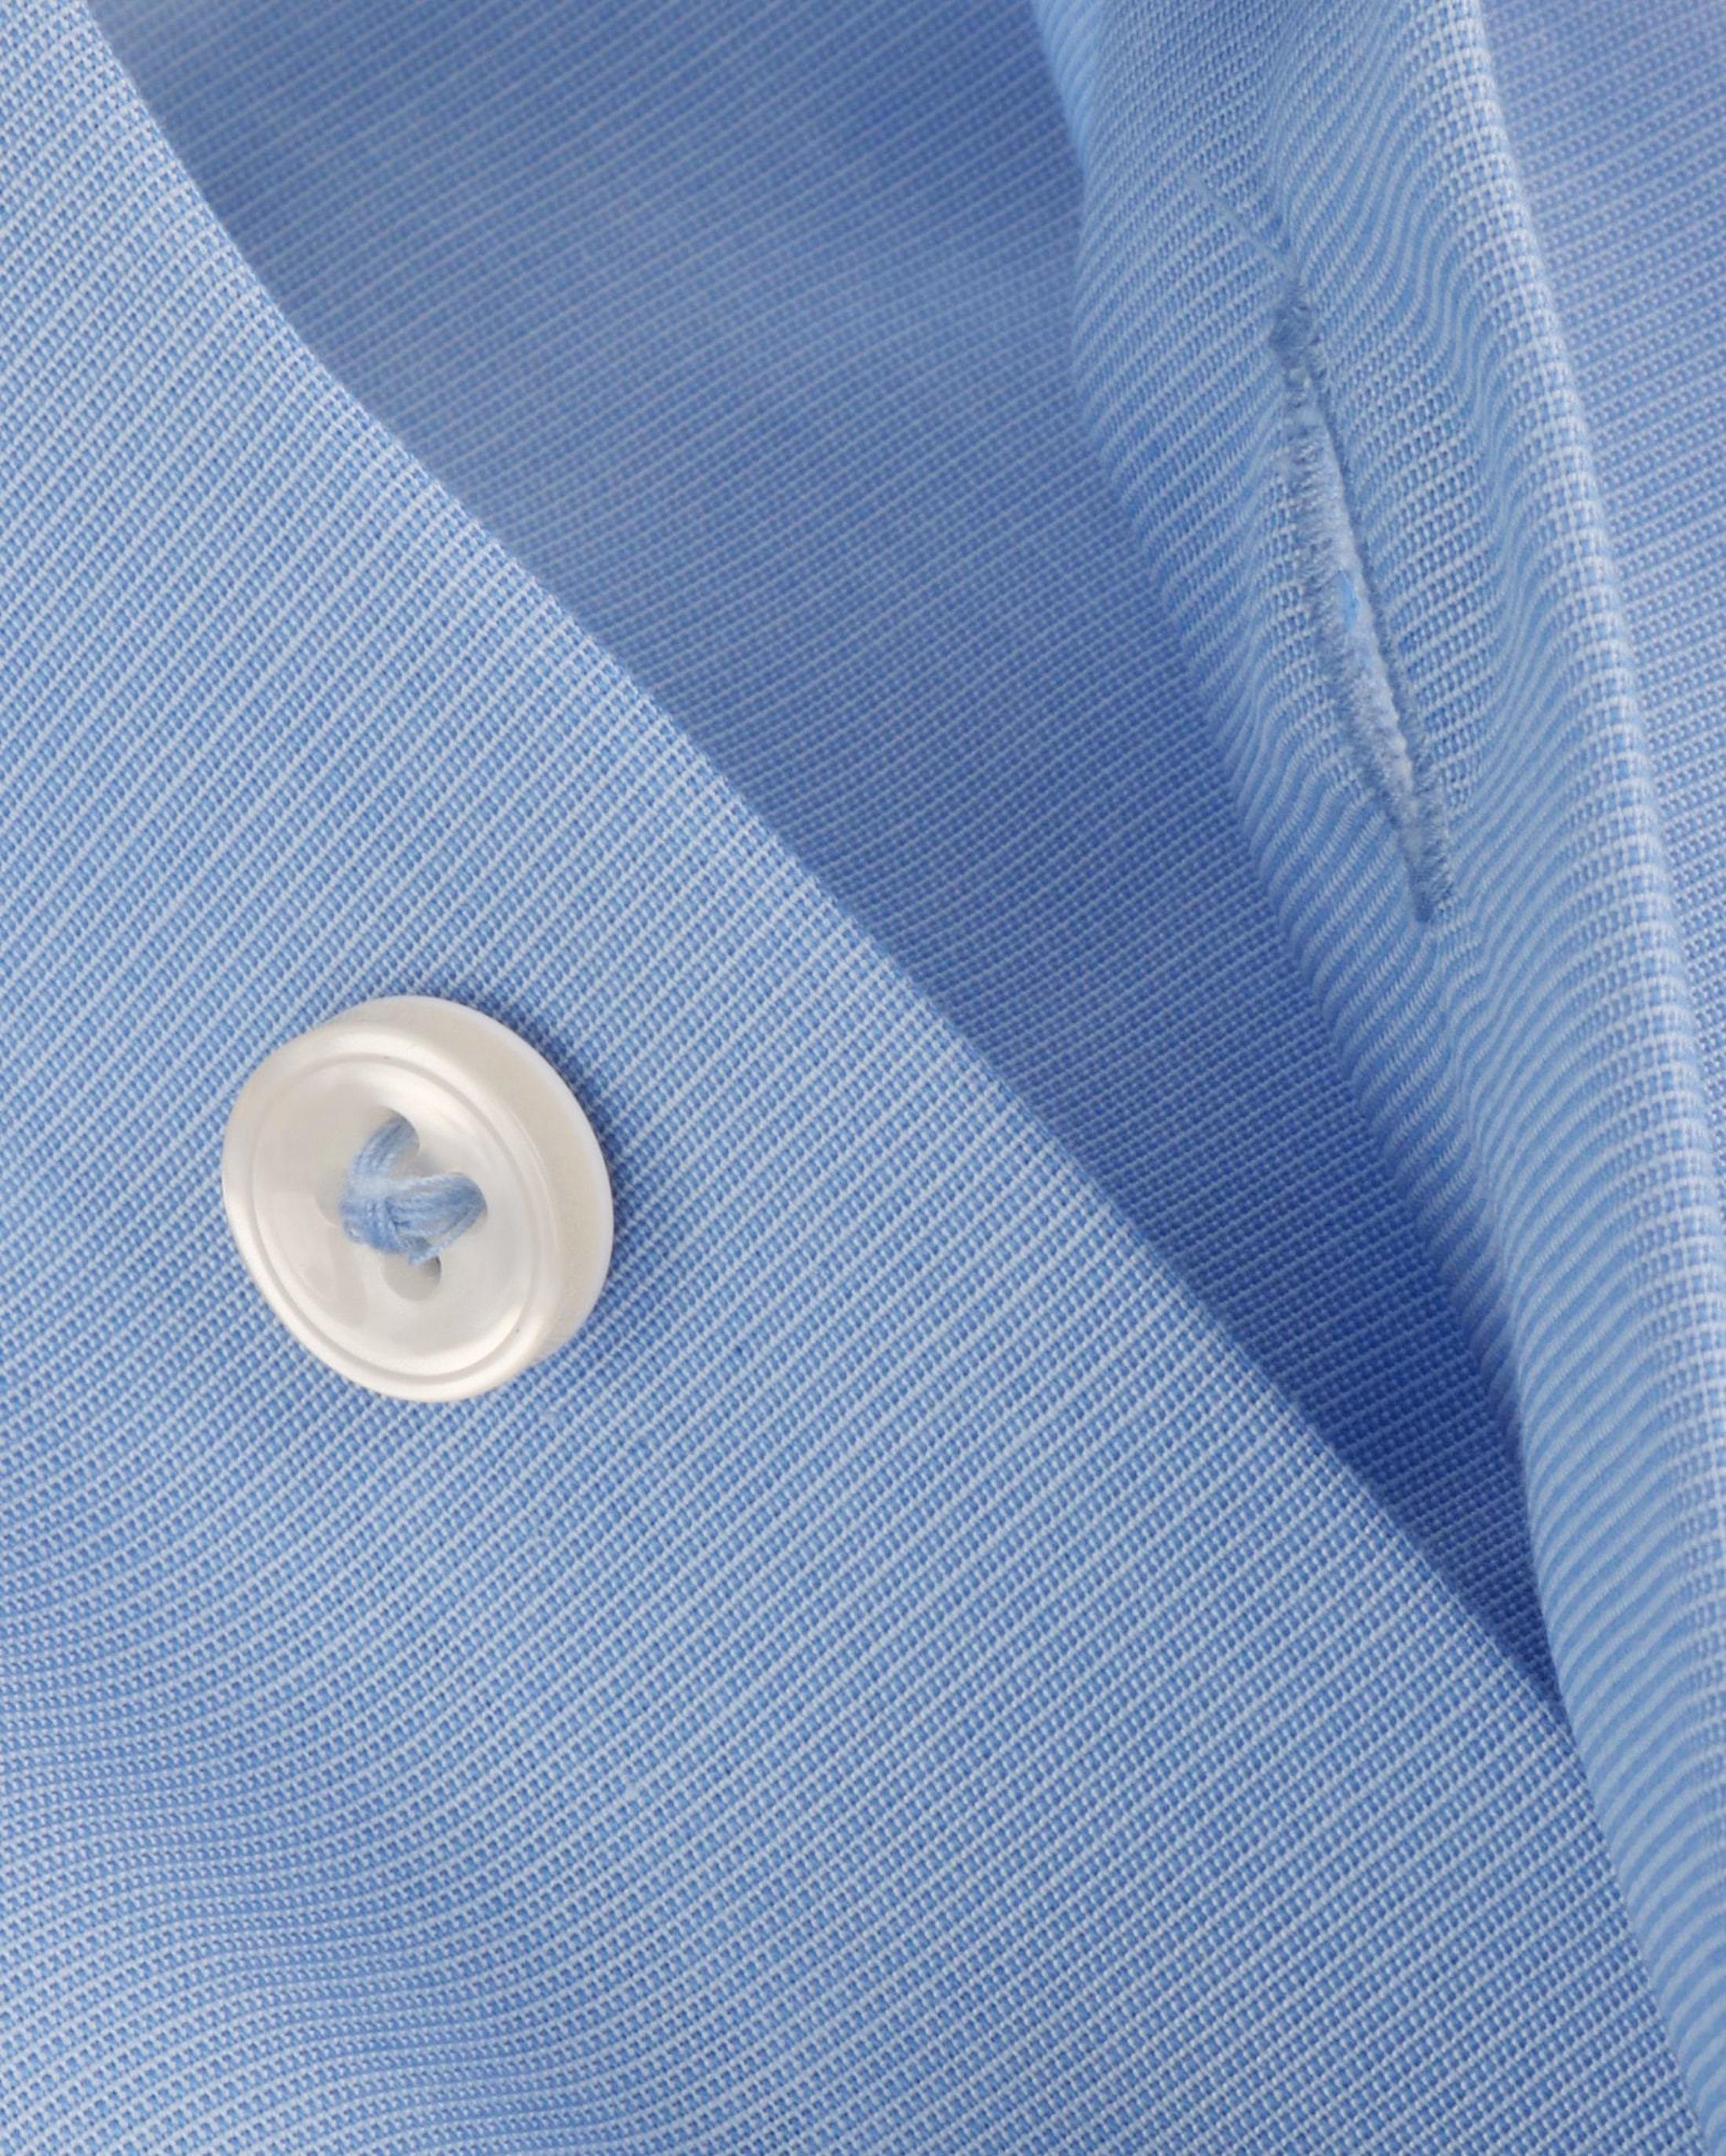 Seidensticker Hemd Bügelfrei Modern Blau foto 1